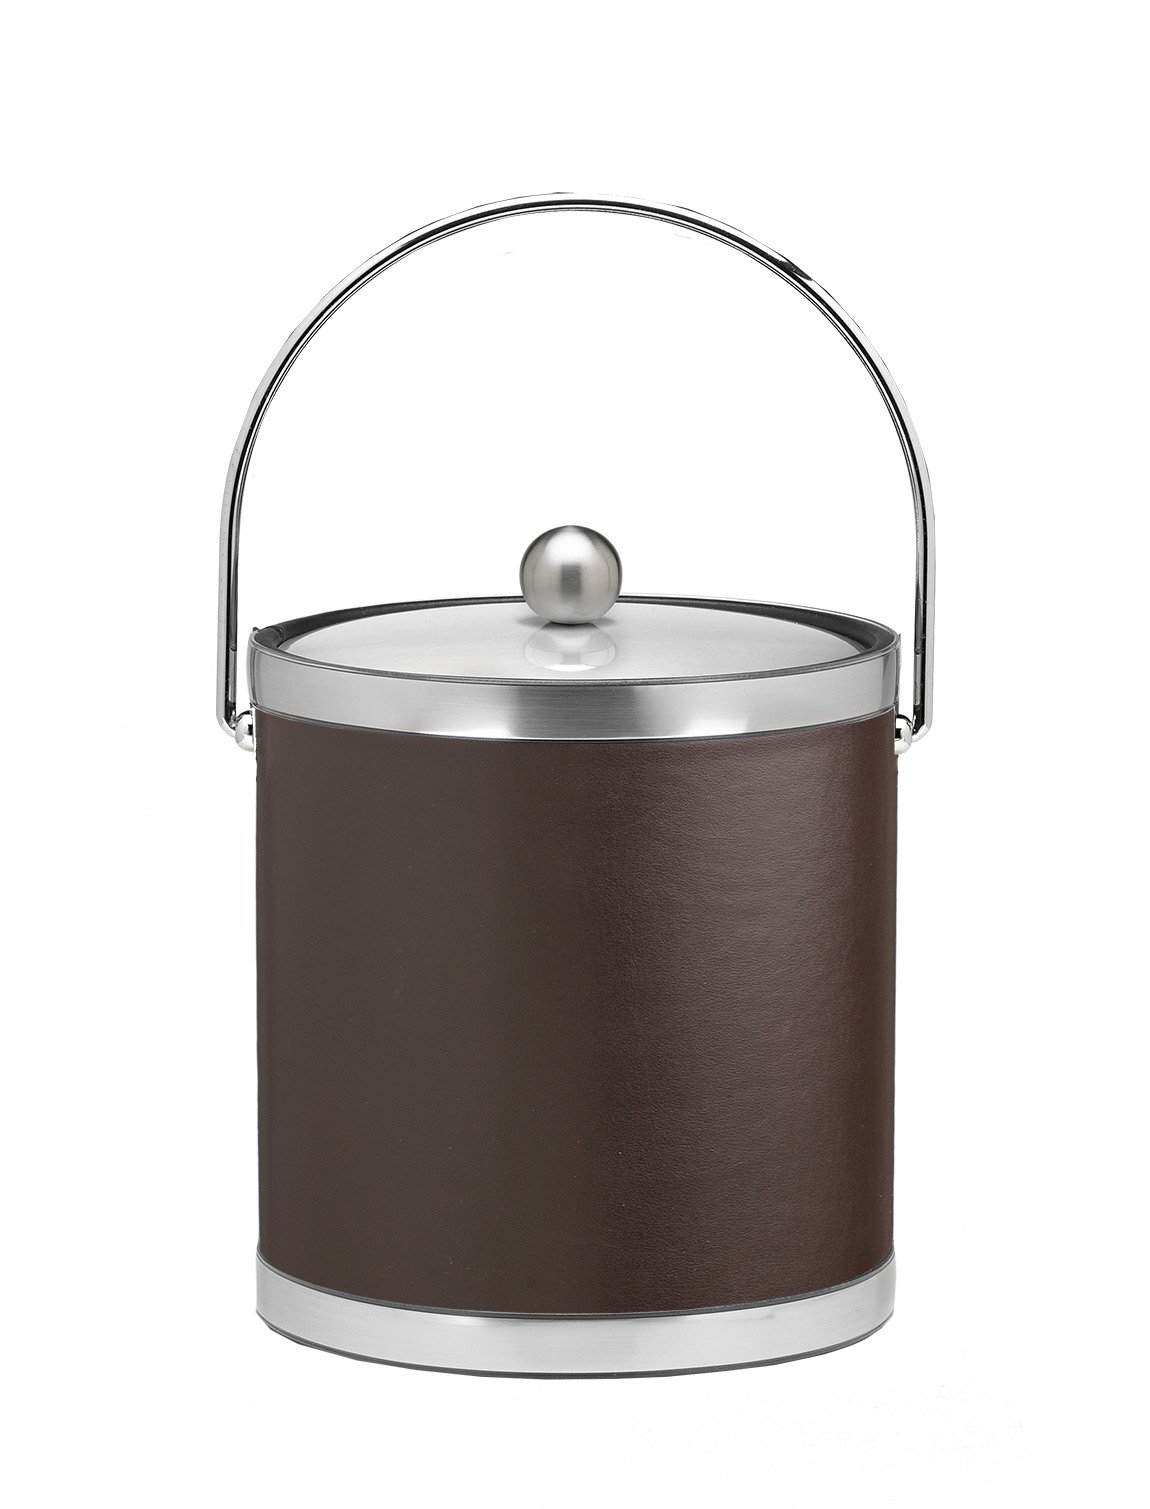 Kraftware Vinyls and Mylars Ice Bucket, 3 quart, Brown